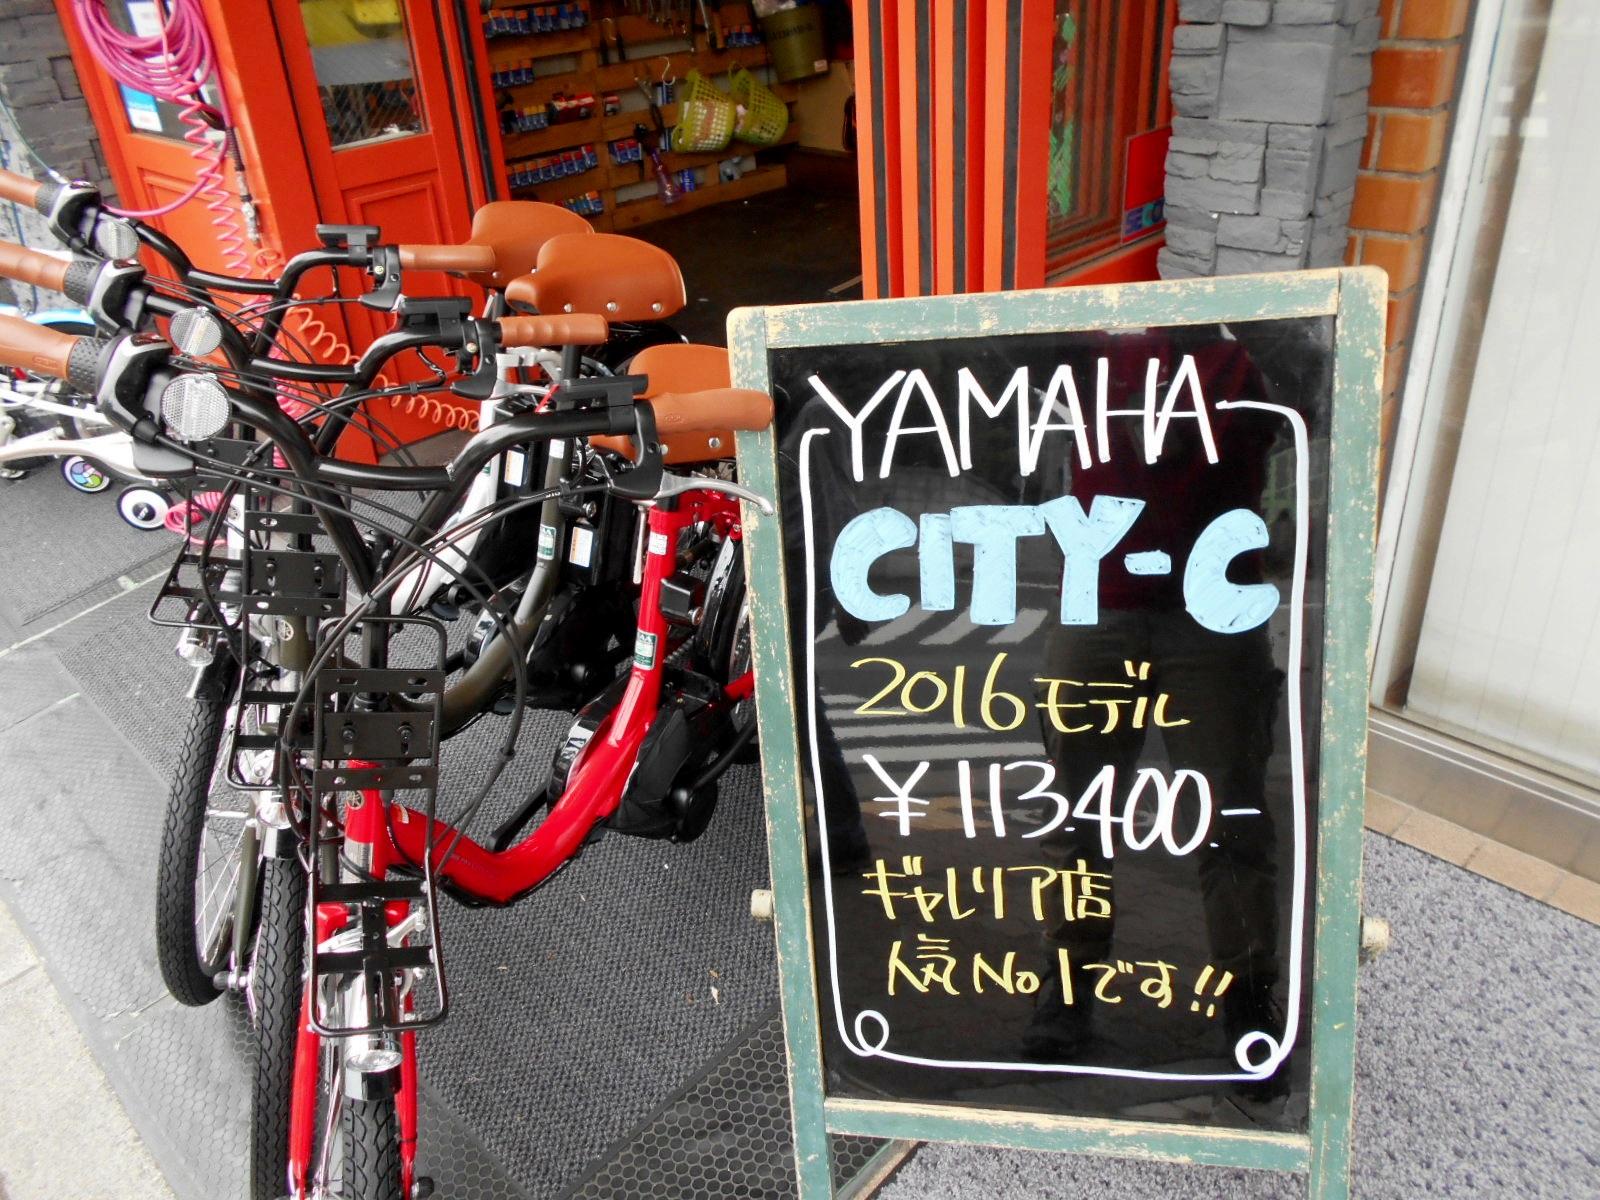 ヤマハCITY-Cが大人気!